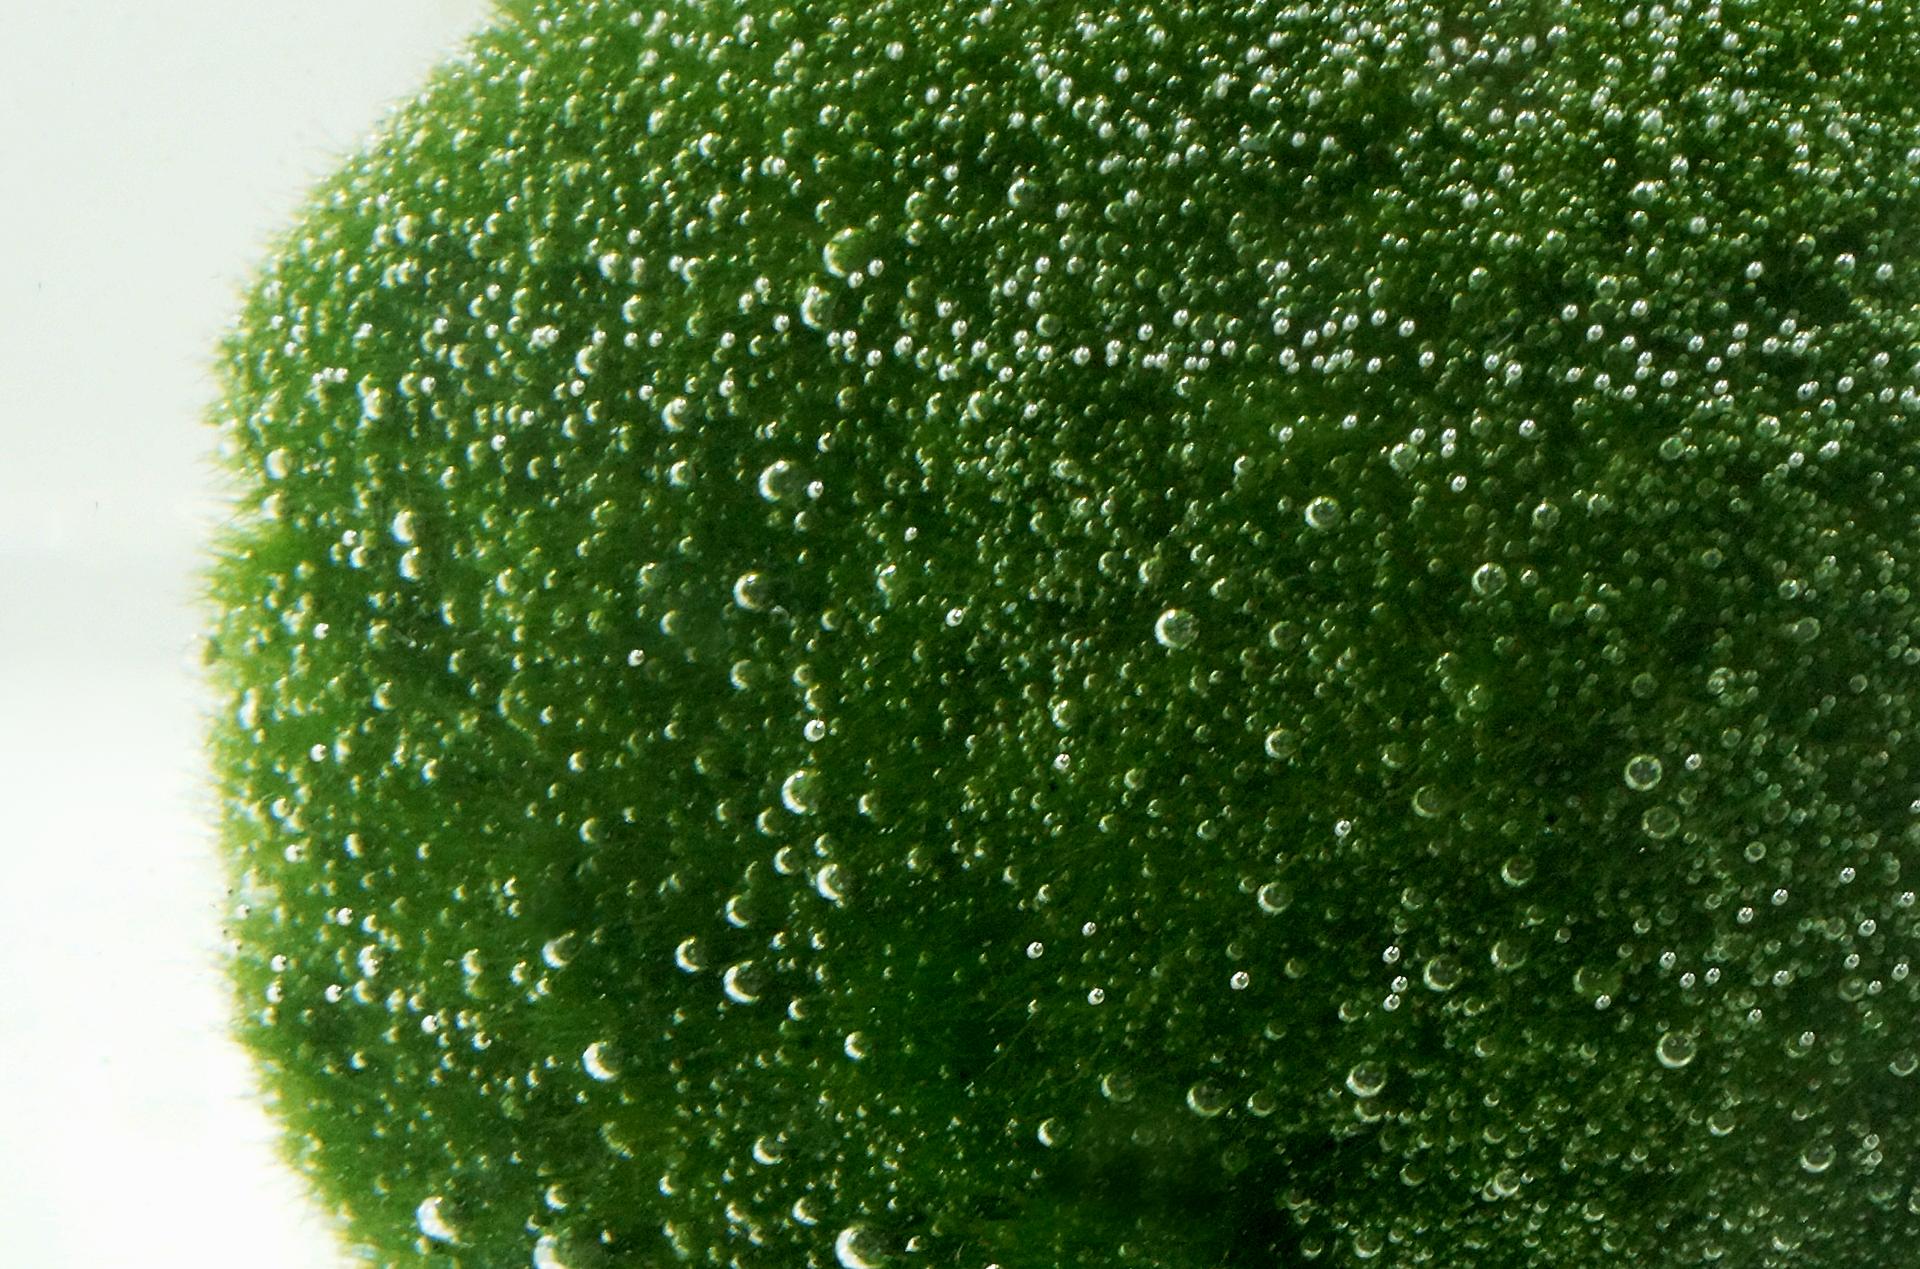 Fotografia przedstawia zieloną kulistą masę zlicznymi pęcherzykami. Jest to gałęzatka, popularny glon akwariowy.